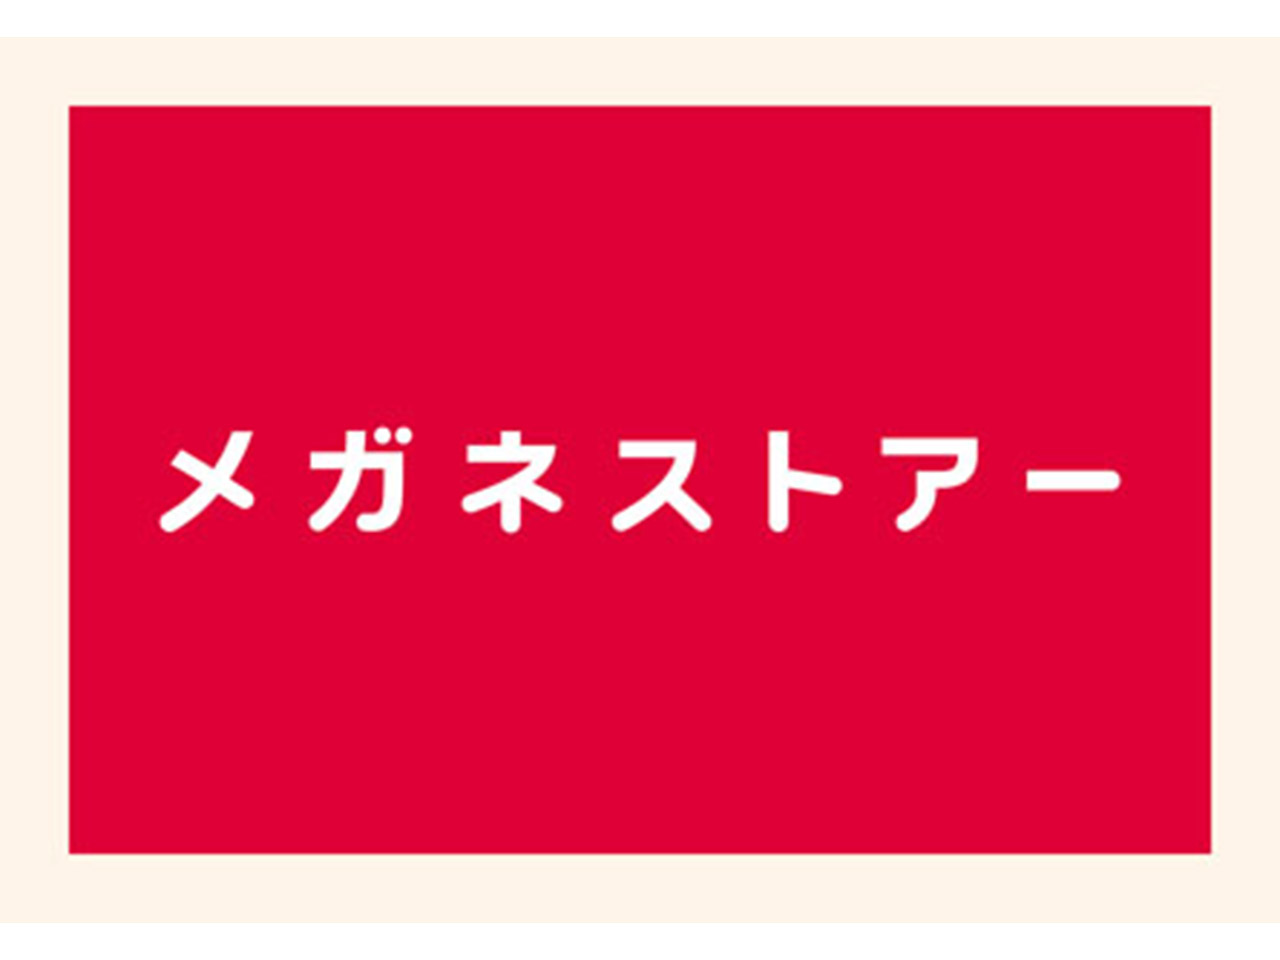 メガネストアー - 大口店